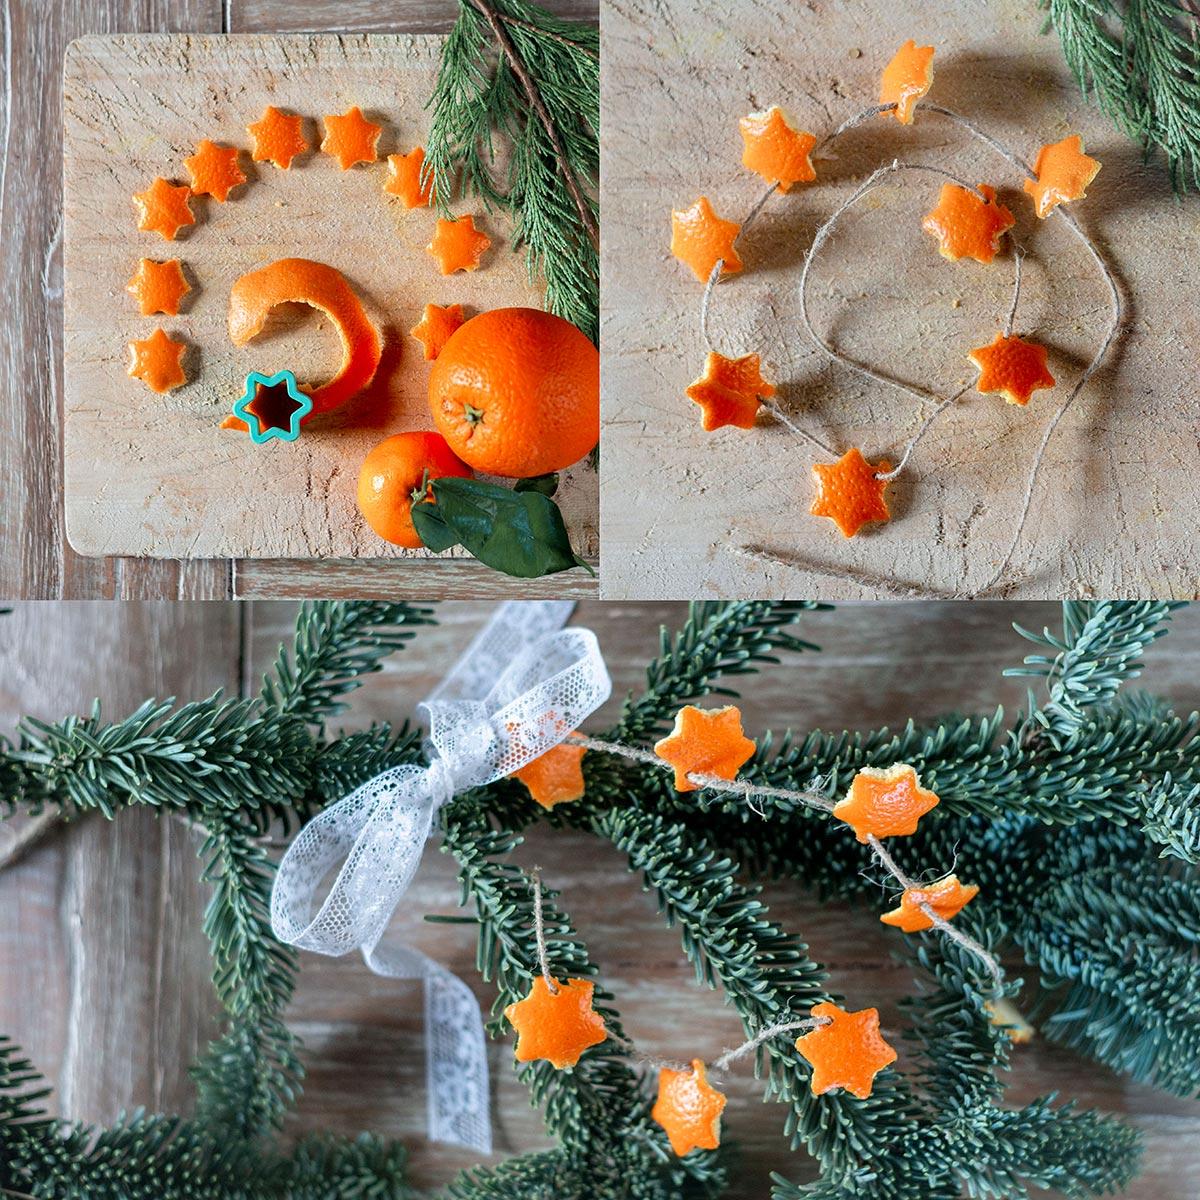 Decorazione albero di Natale fai da te con arancio